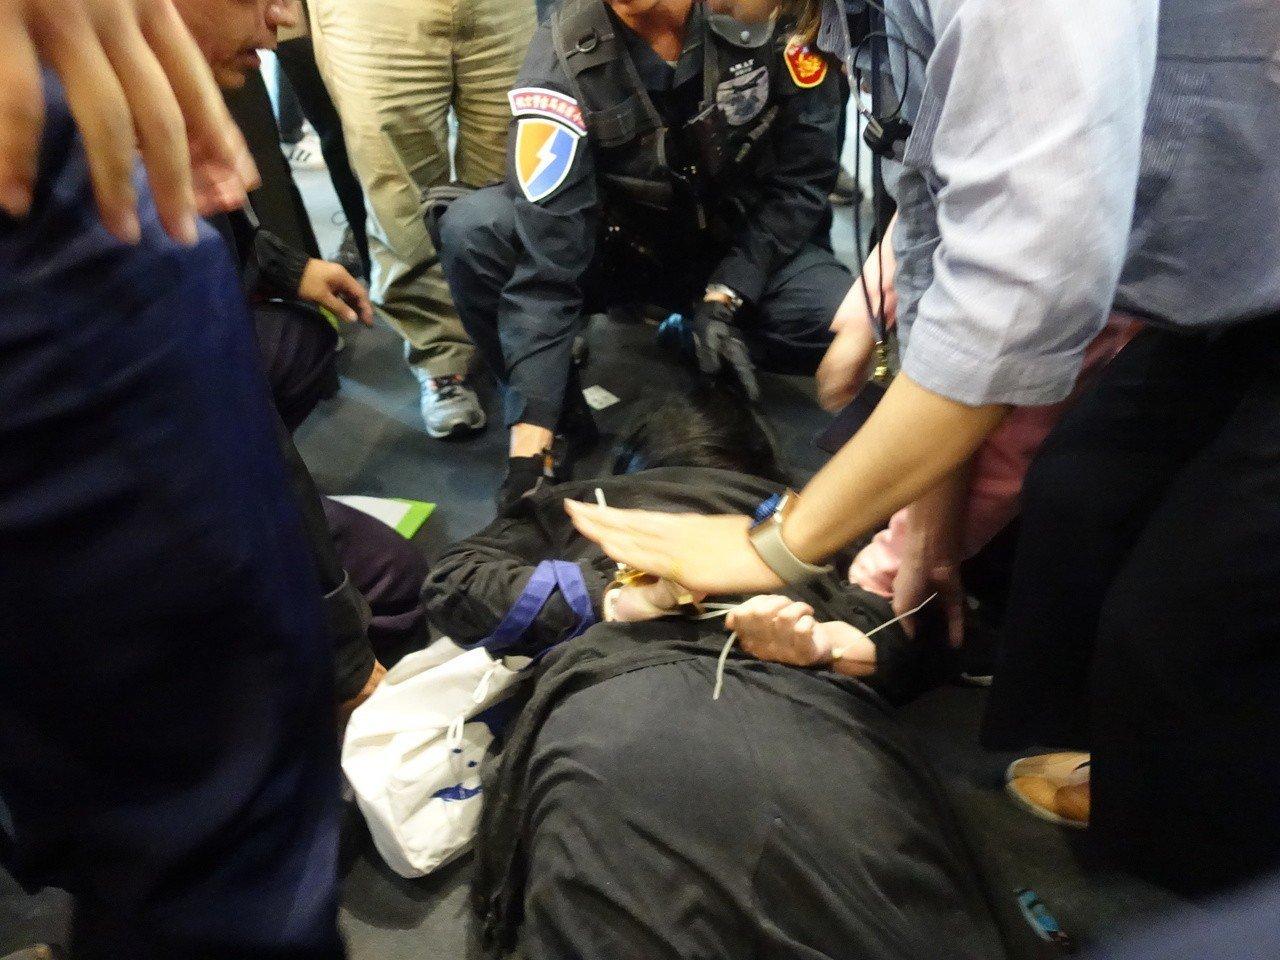 警方舉牌三次後,立刻出動警力驅離,現場一度爆發肢體衝突,甚至還有抗議民眾尖叫,高...